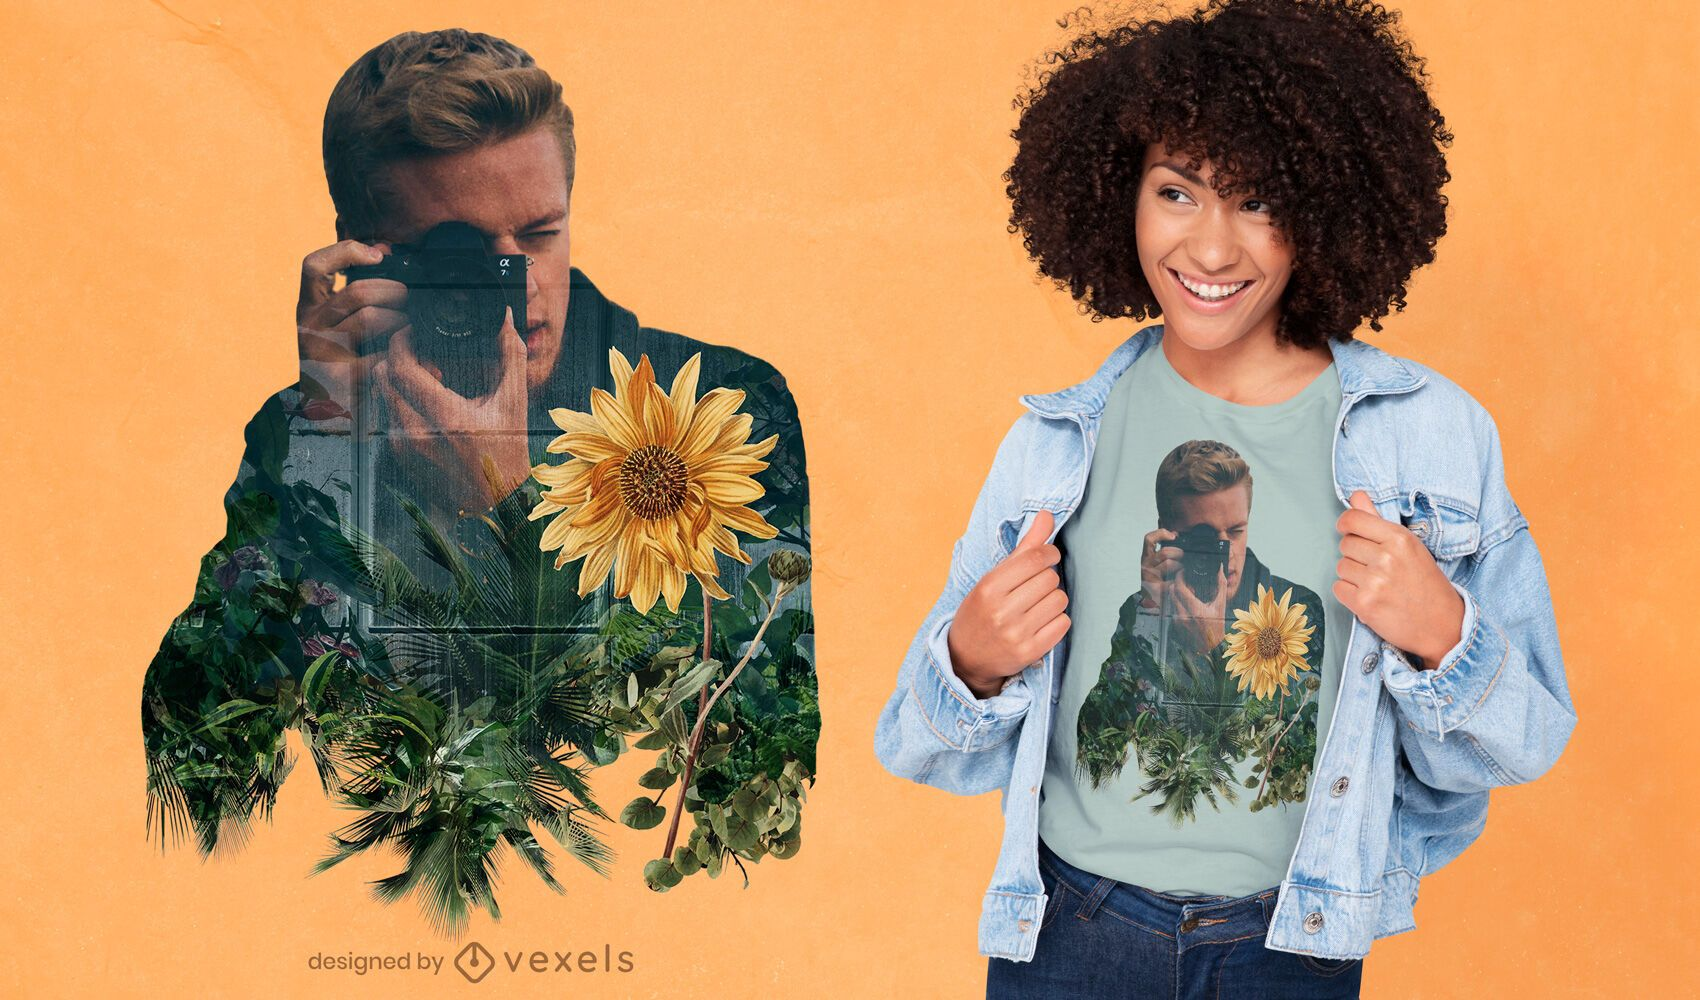 Fotograf und Blumen-Doppelbelichtungs-T-Shirt-Design